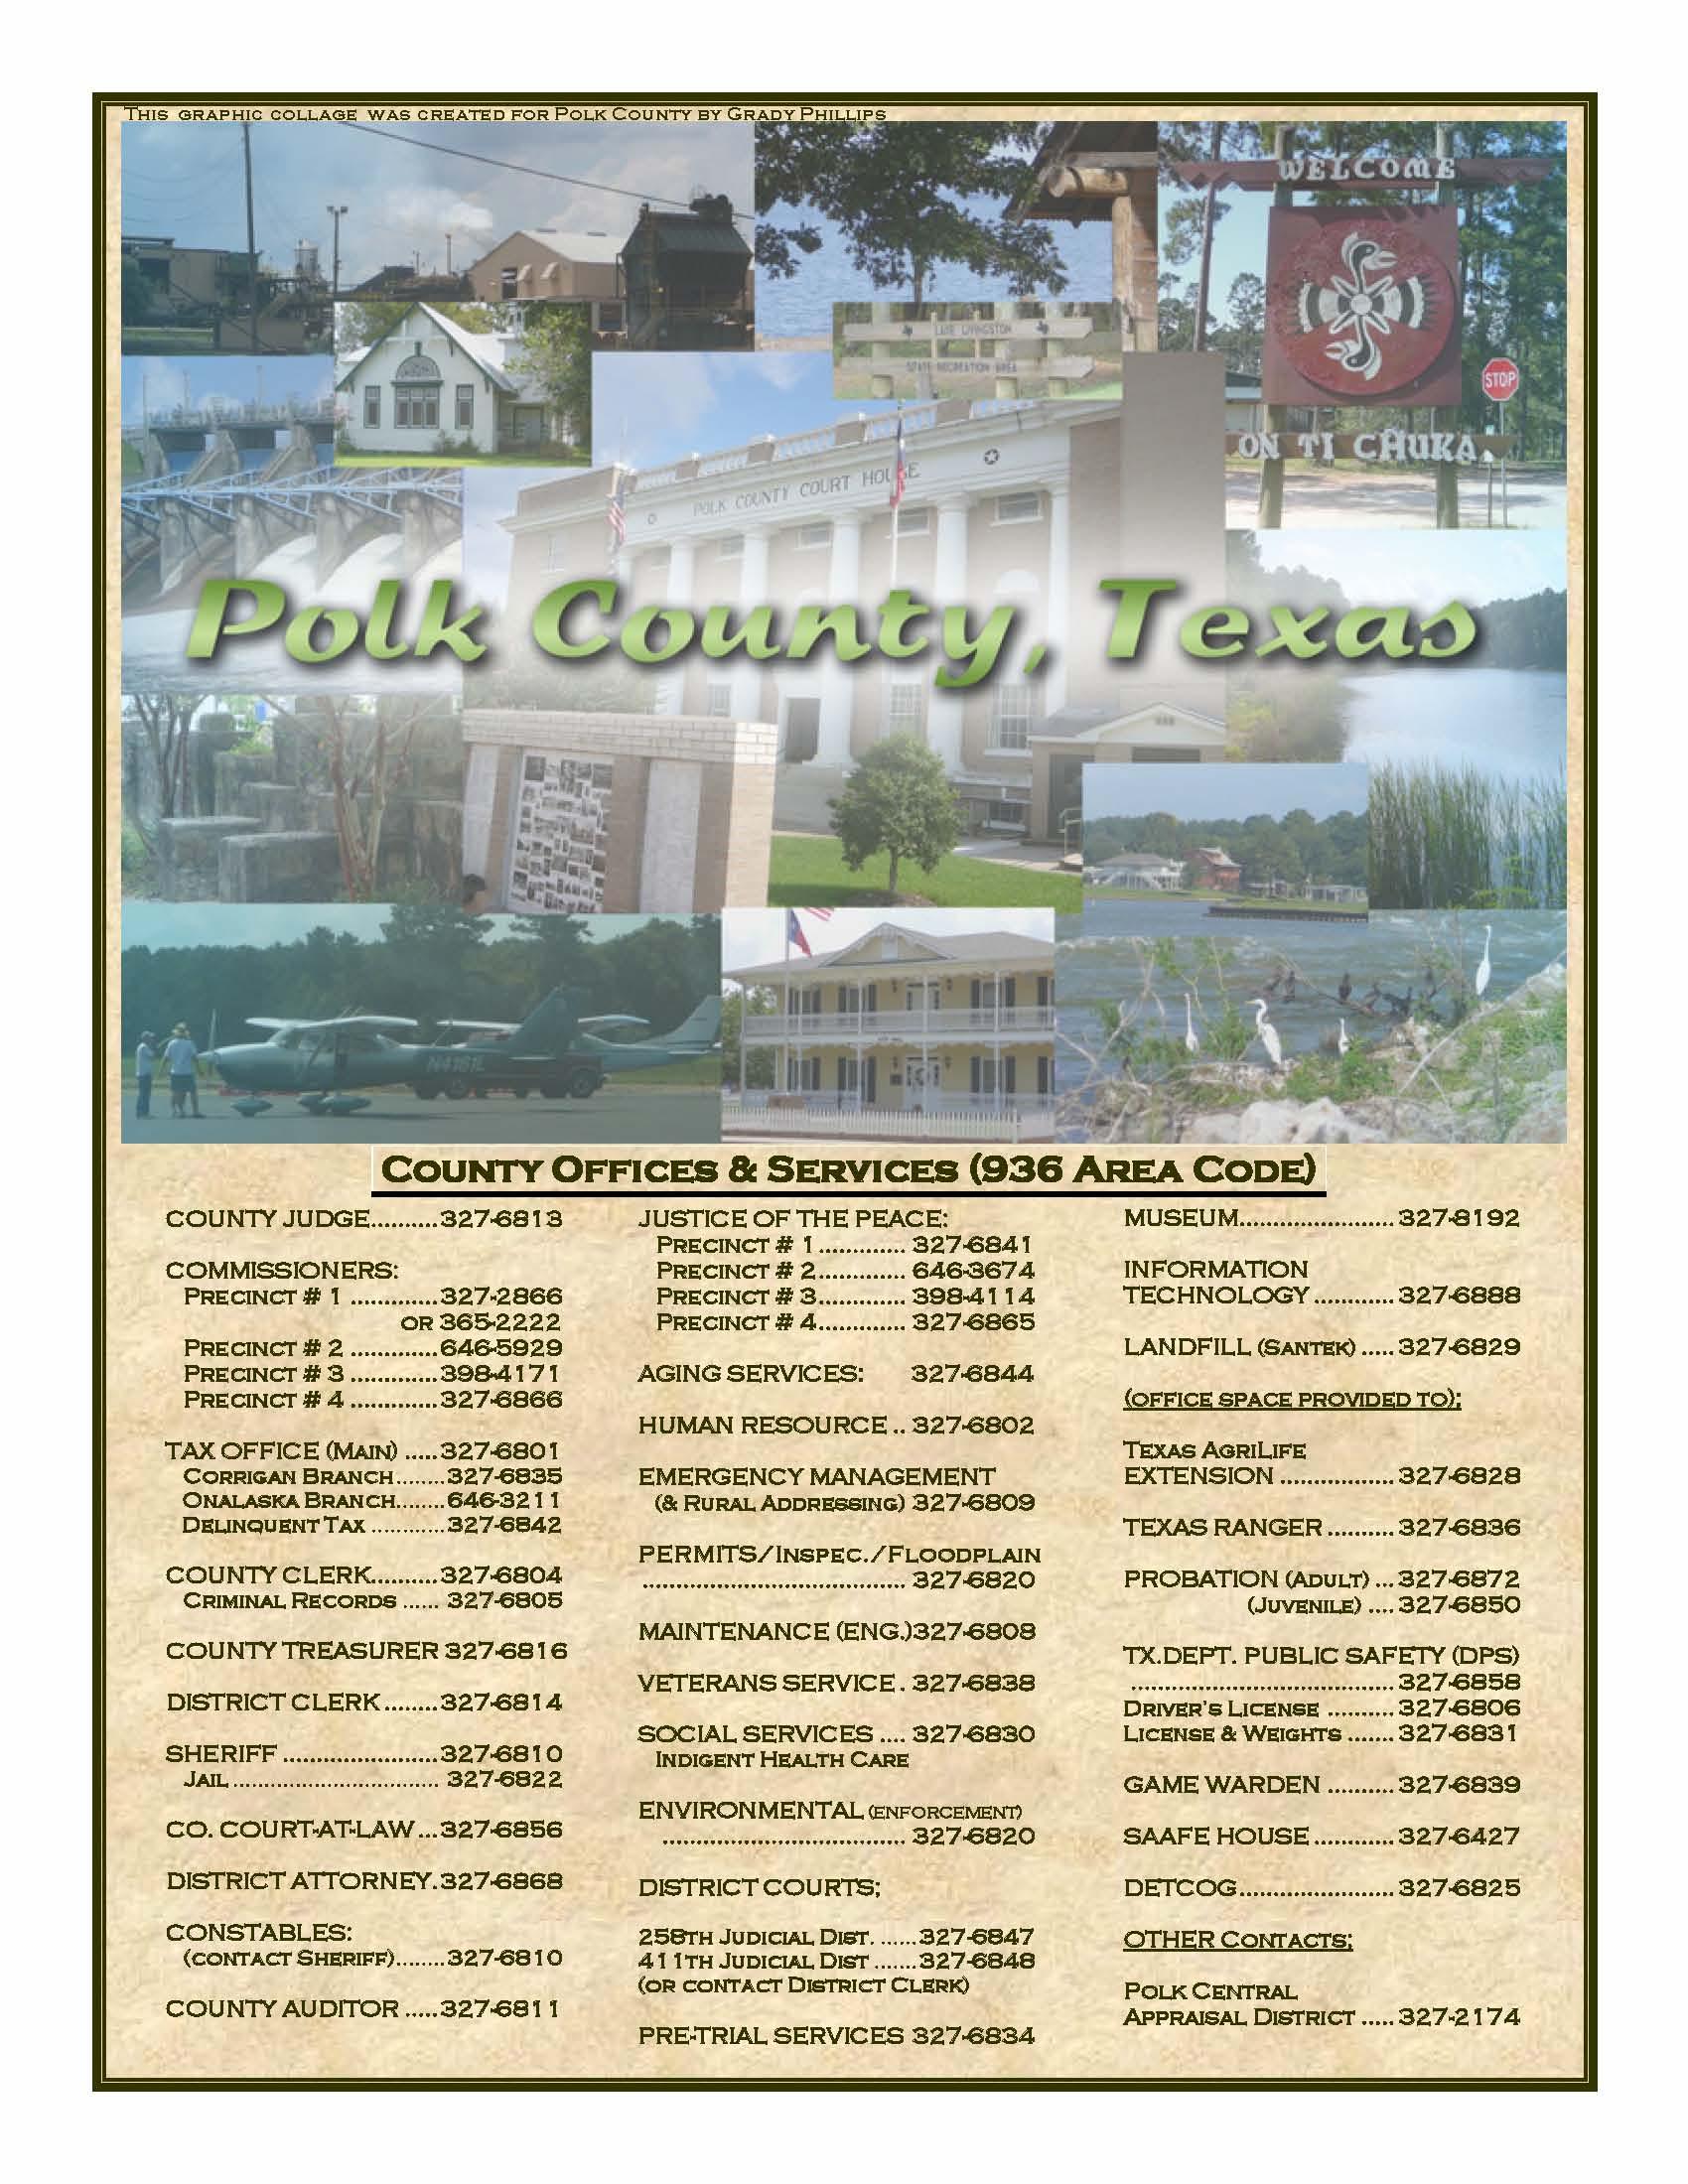 Polk County, Texas